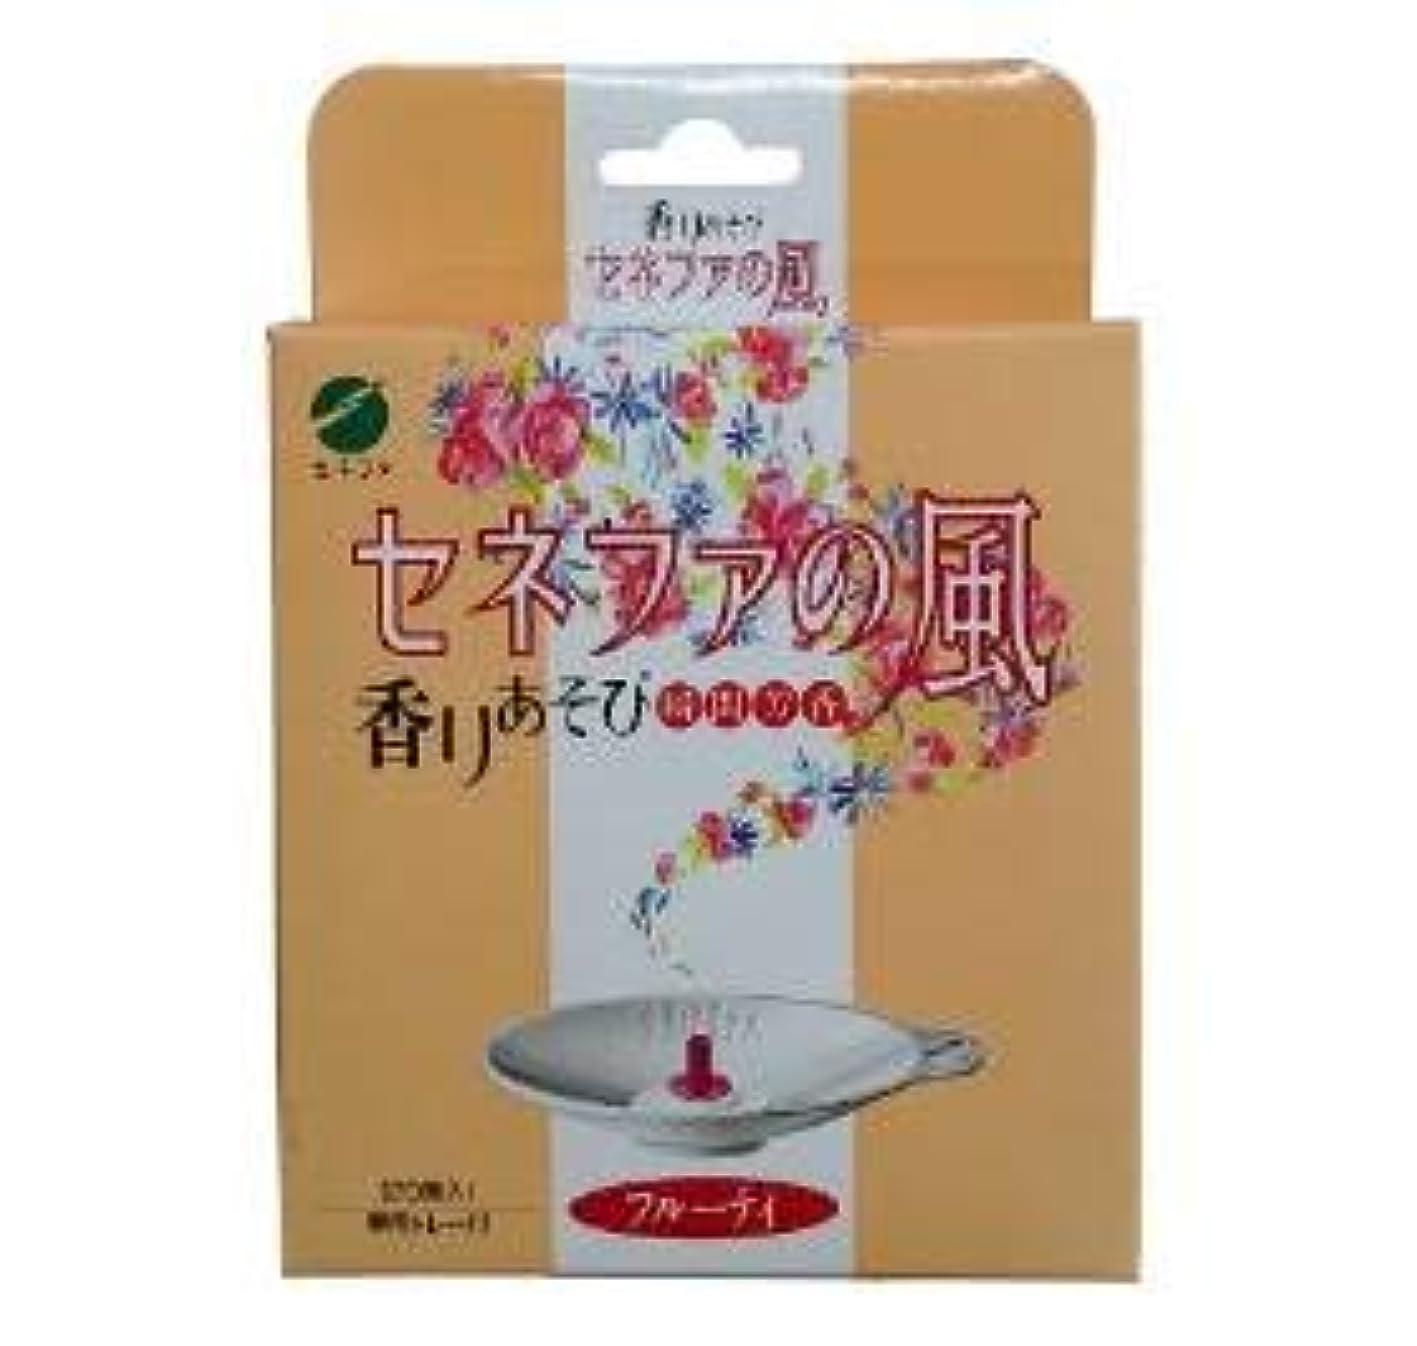 融合メダルくぼみせんねん灸 セネファの風 フルーティ(お香)(20香入)